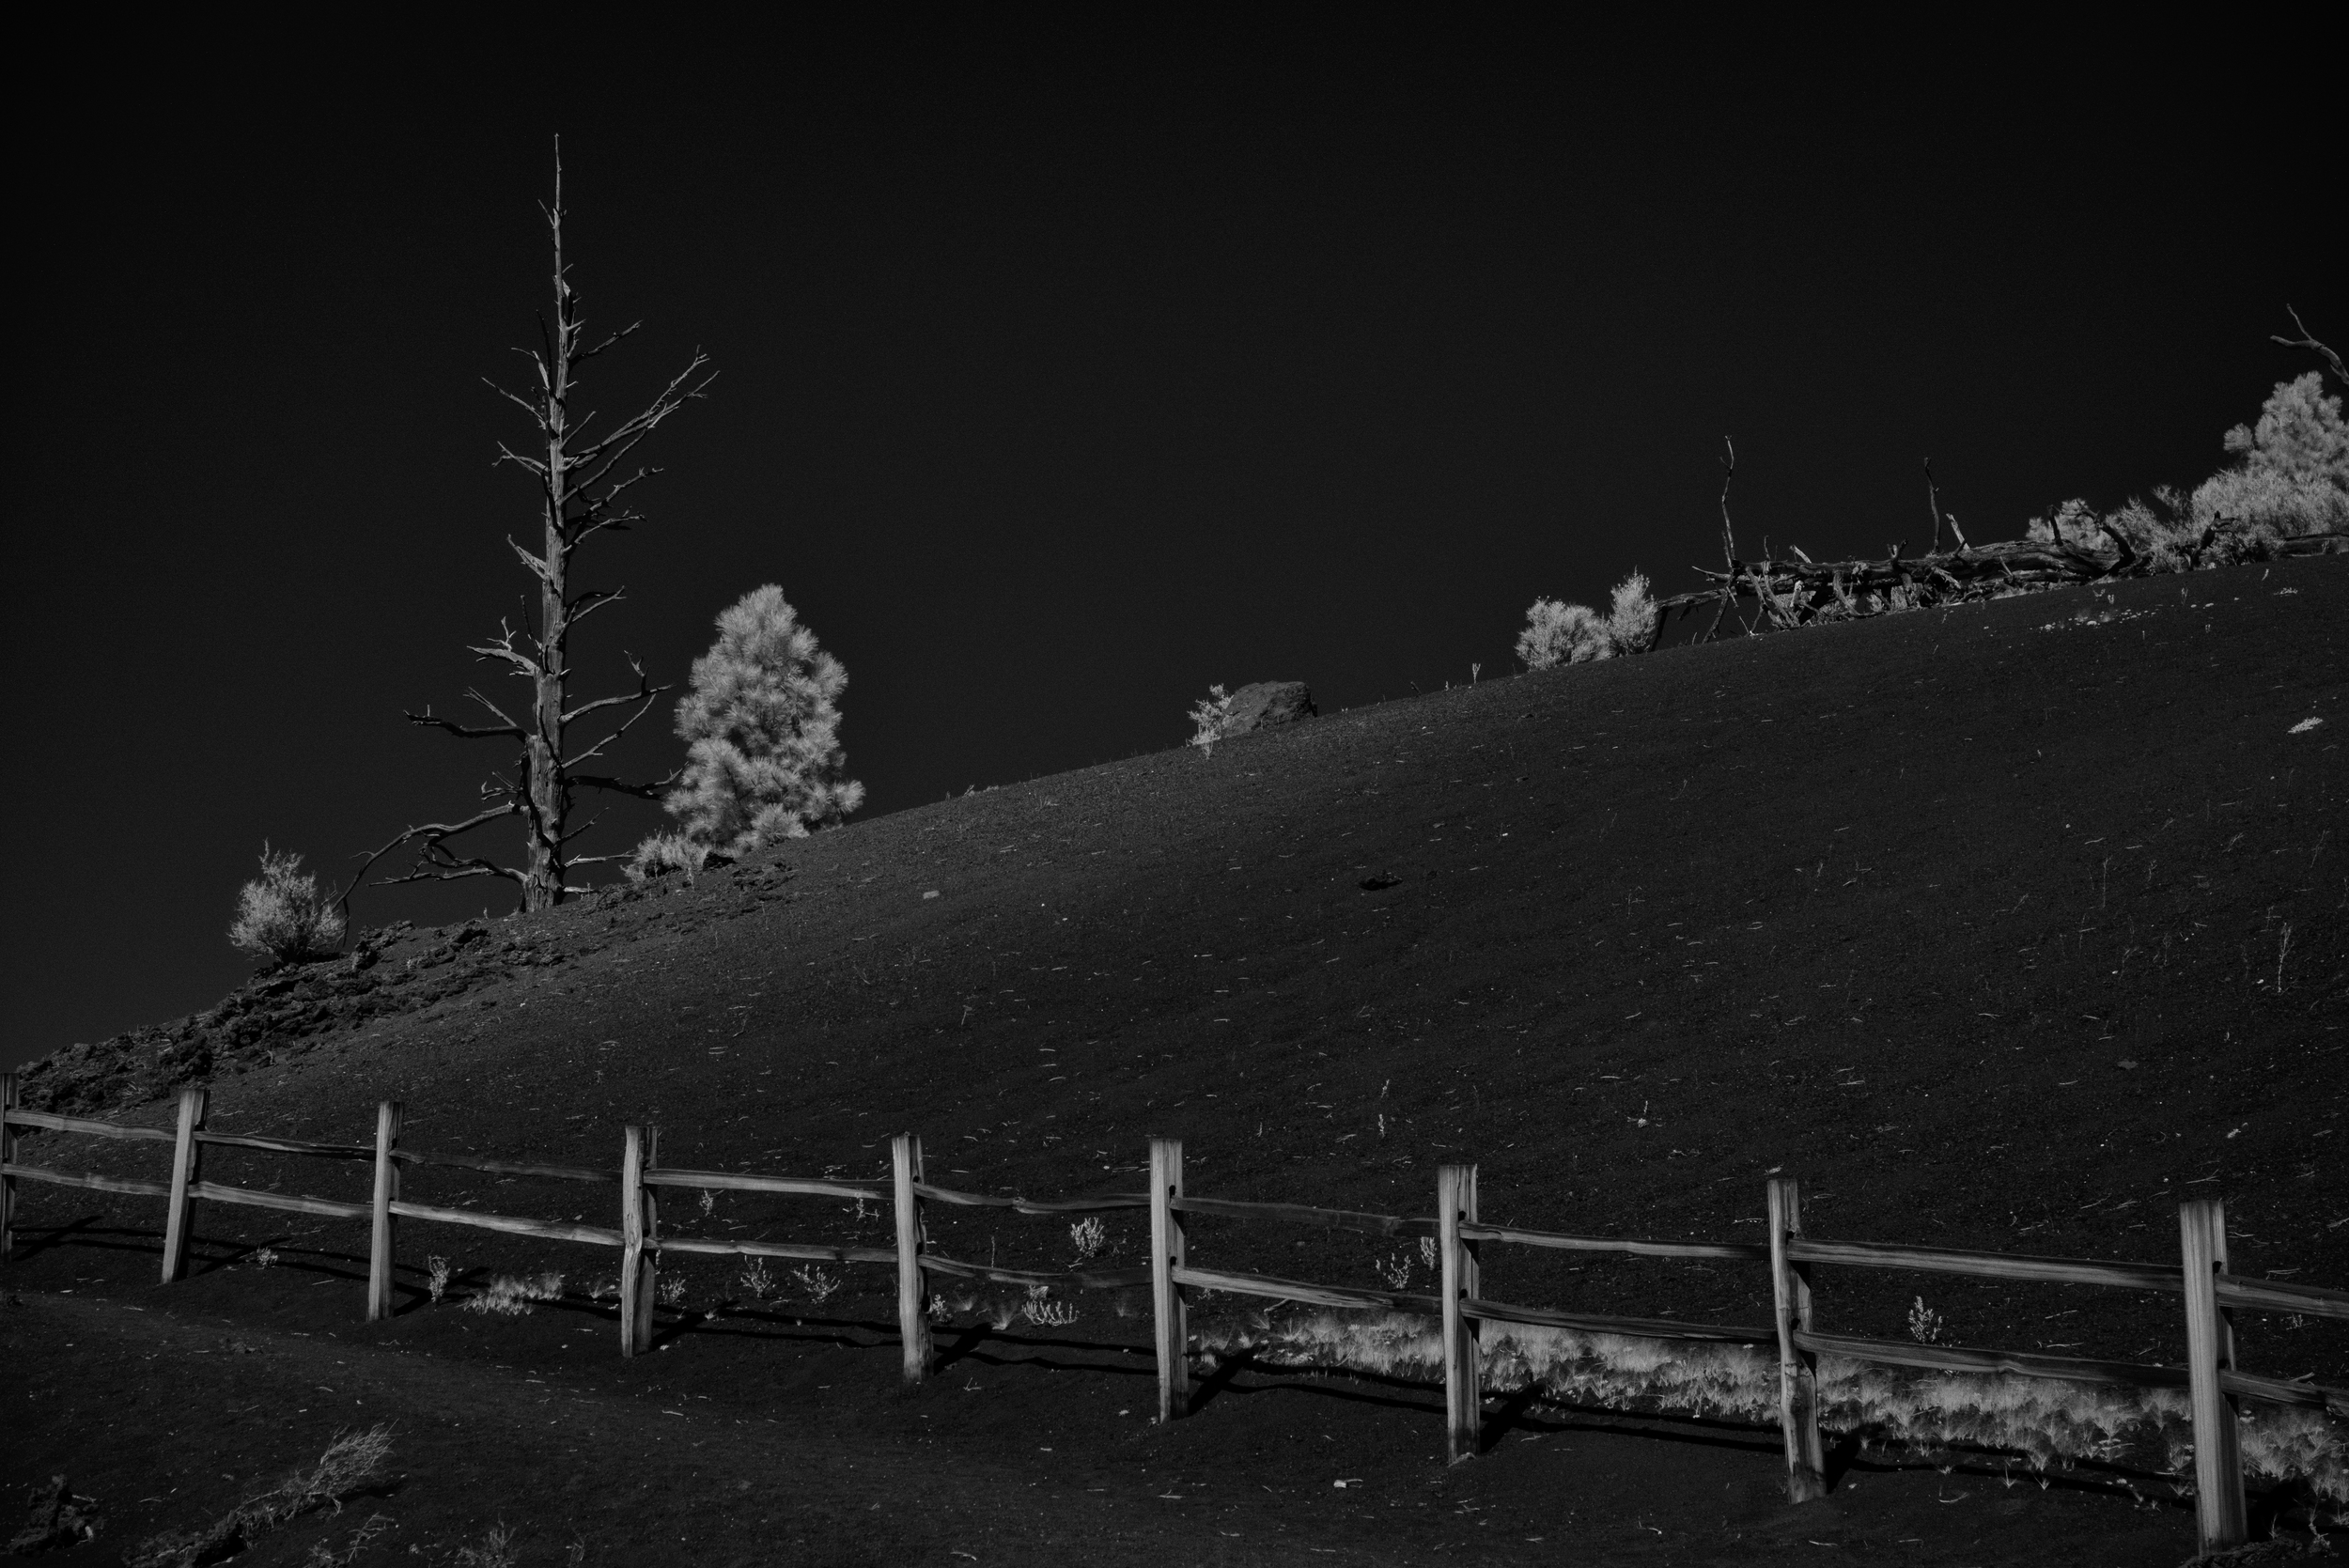 sunset_crater-DMS_5214-Edit.jpg